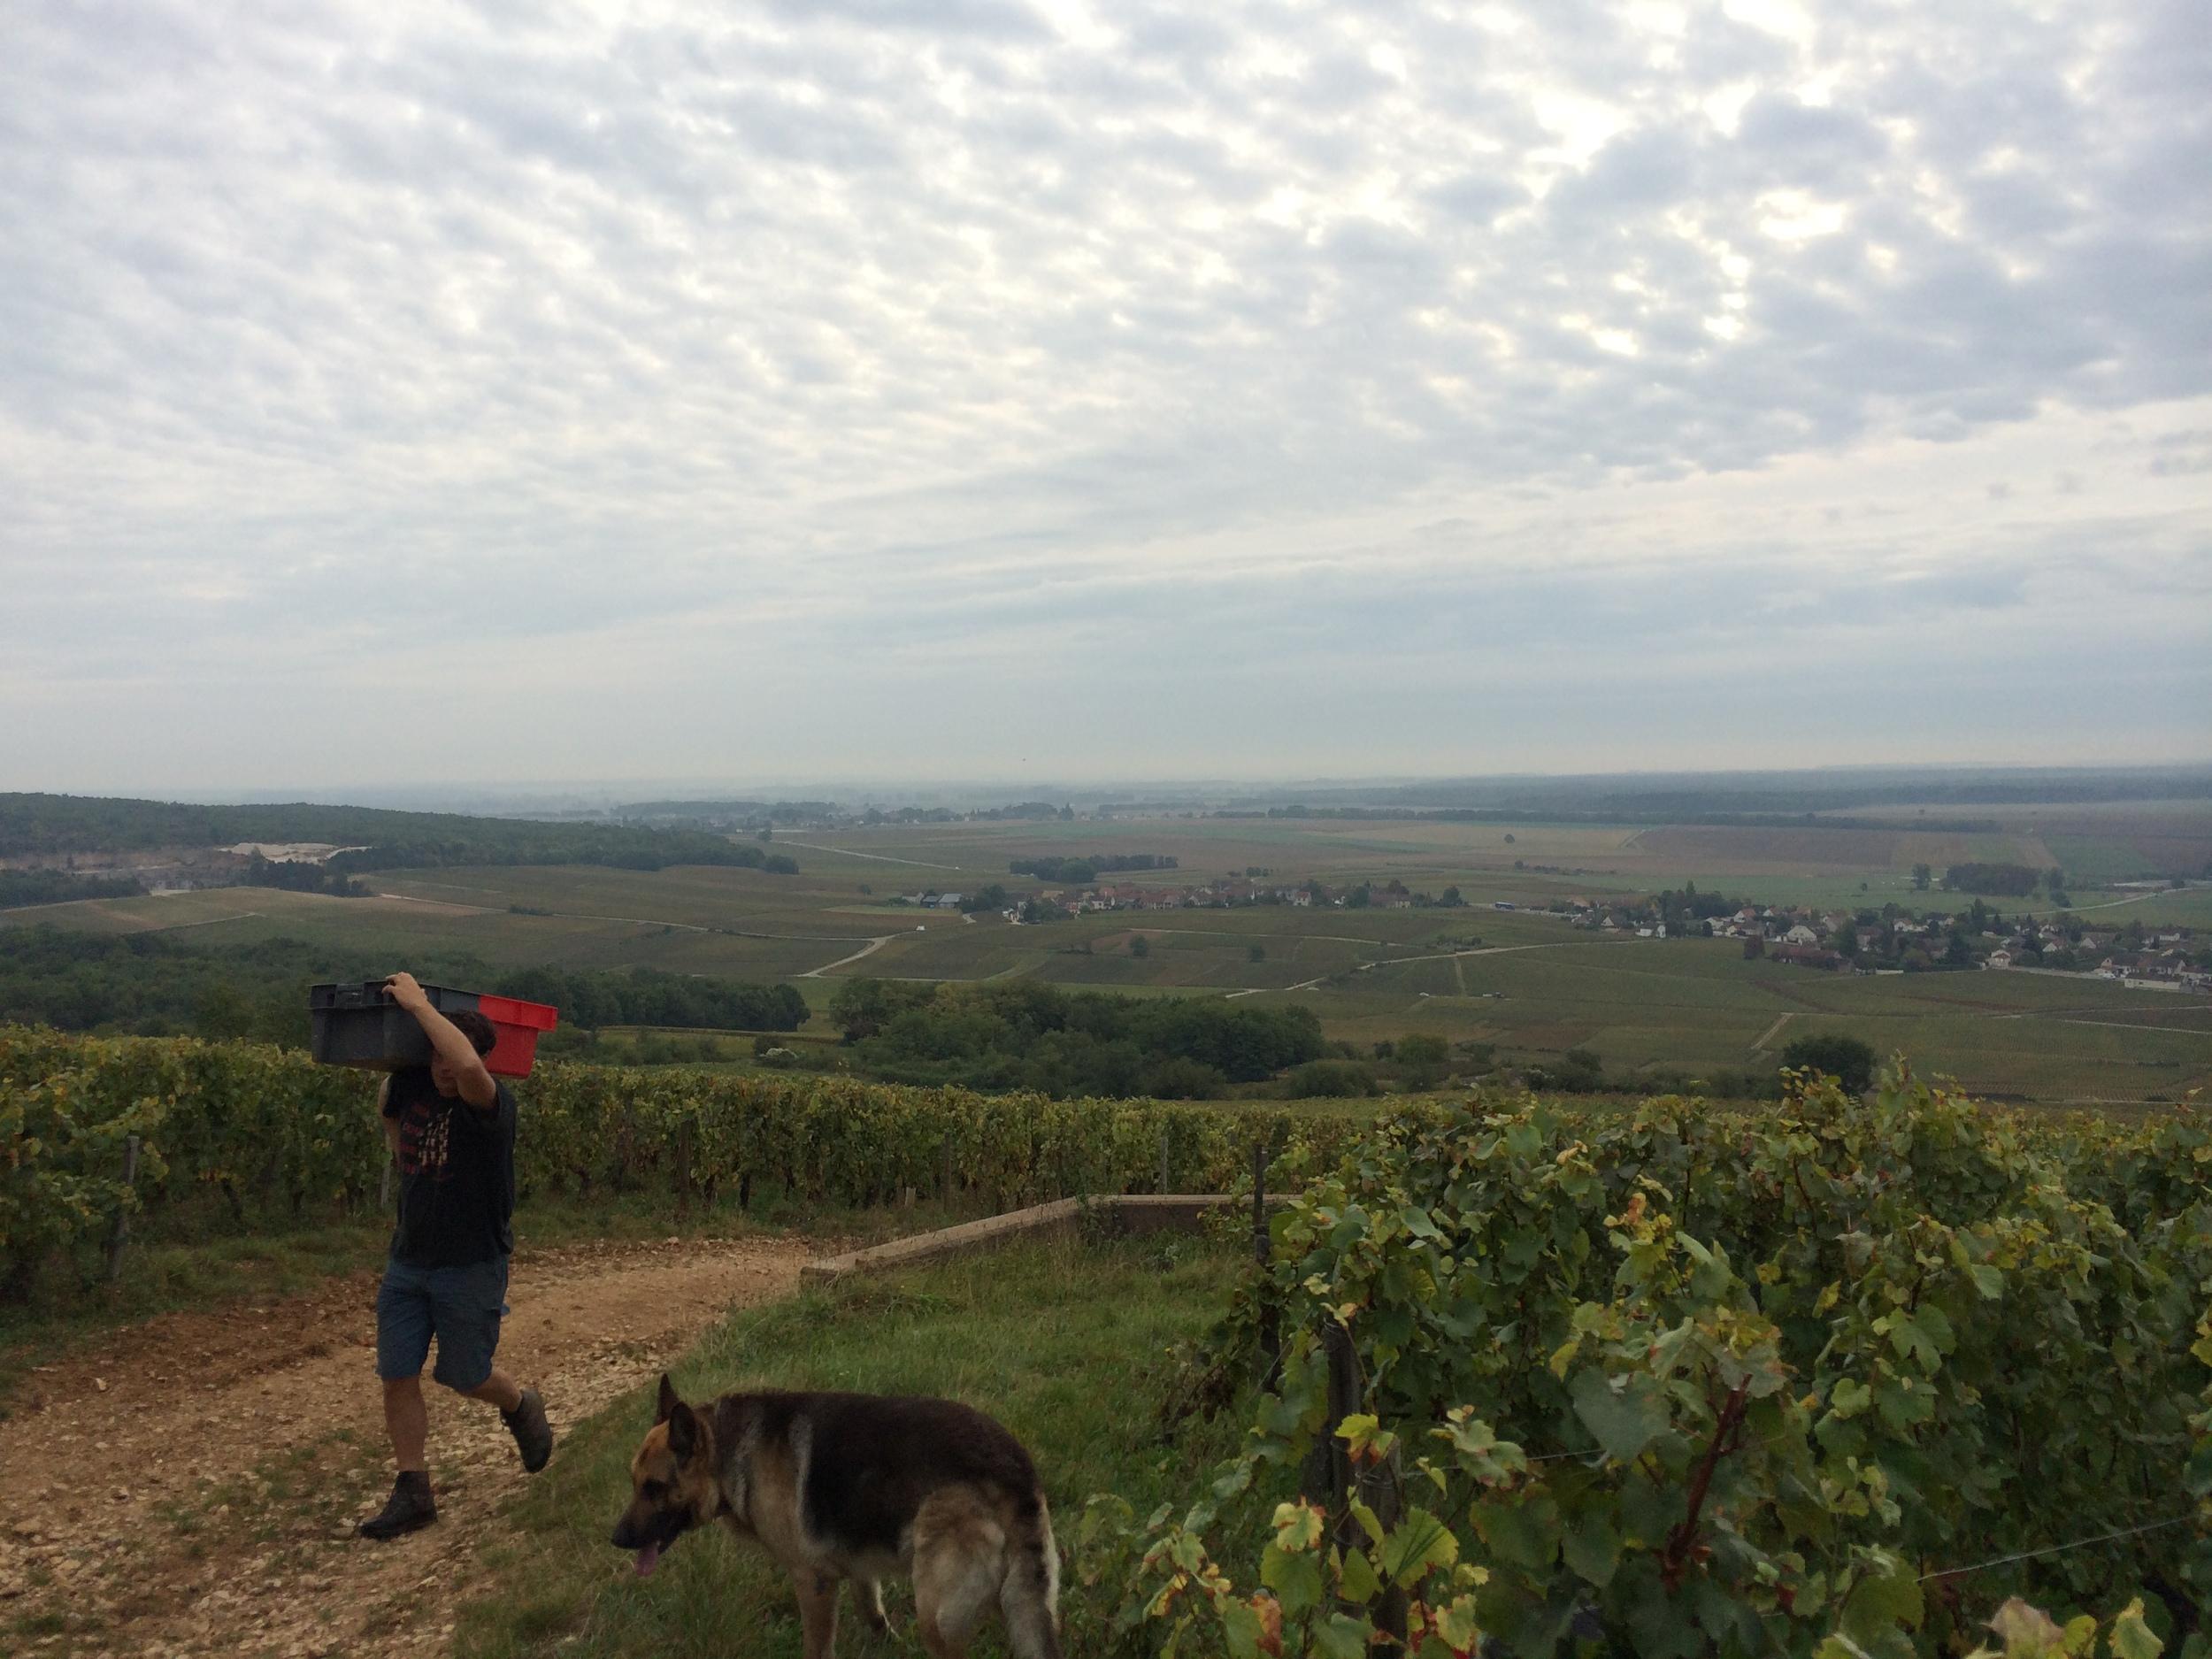 Vineyard worker on Corton